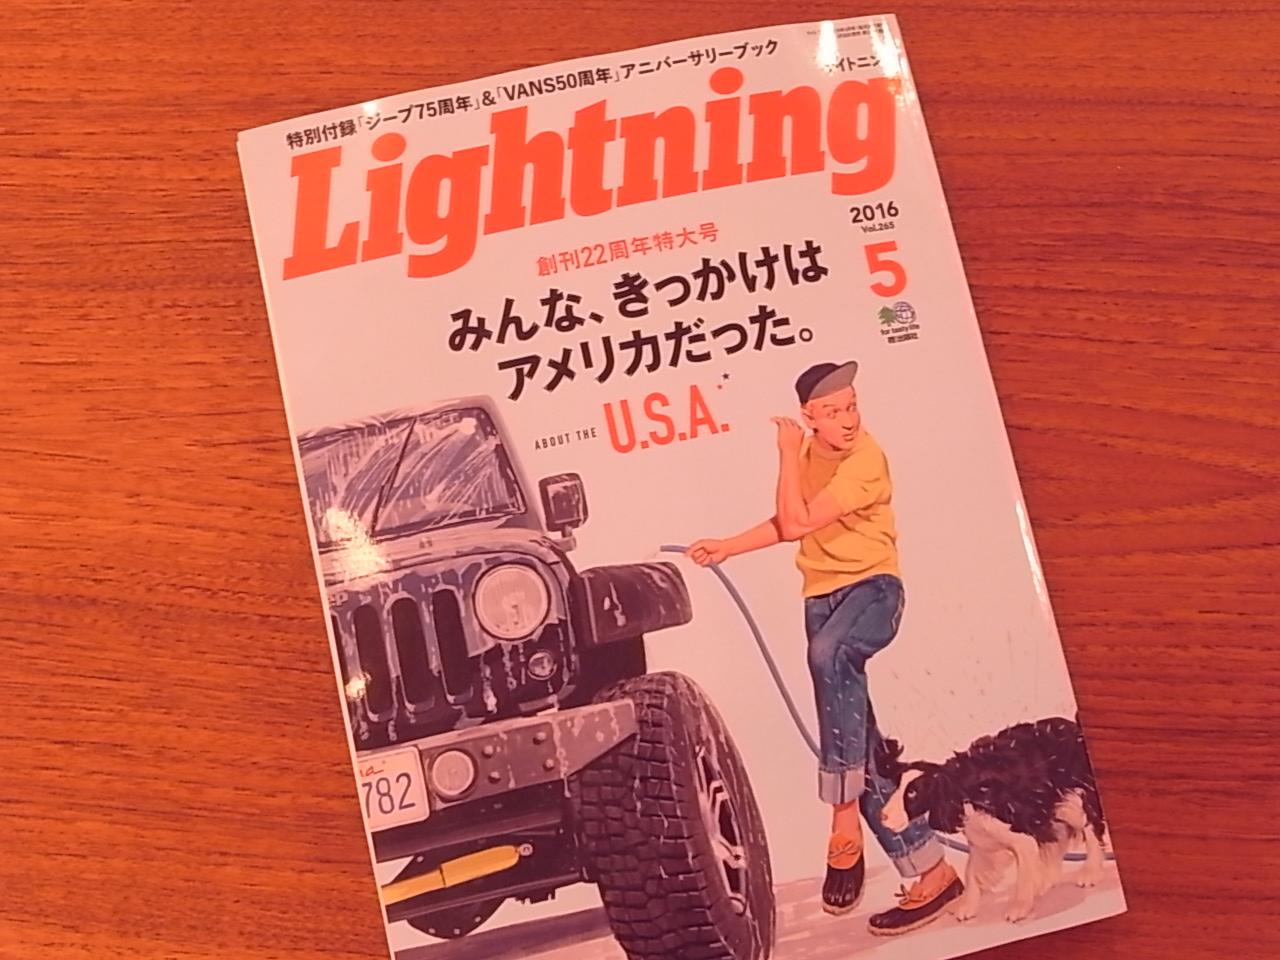 ライトニング 創刊22周年特大号 発売!